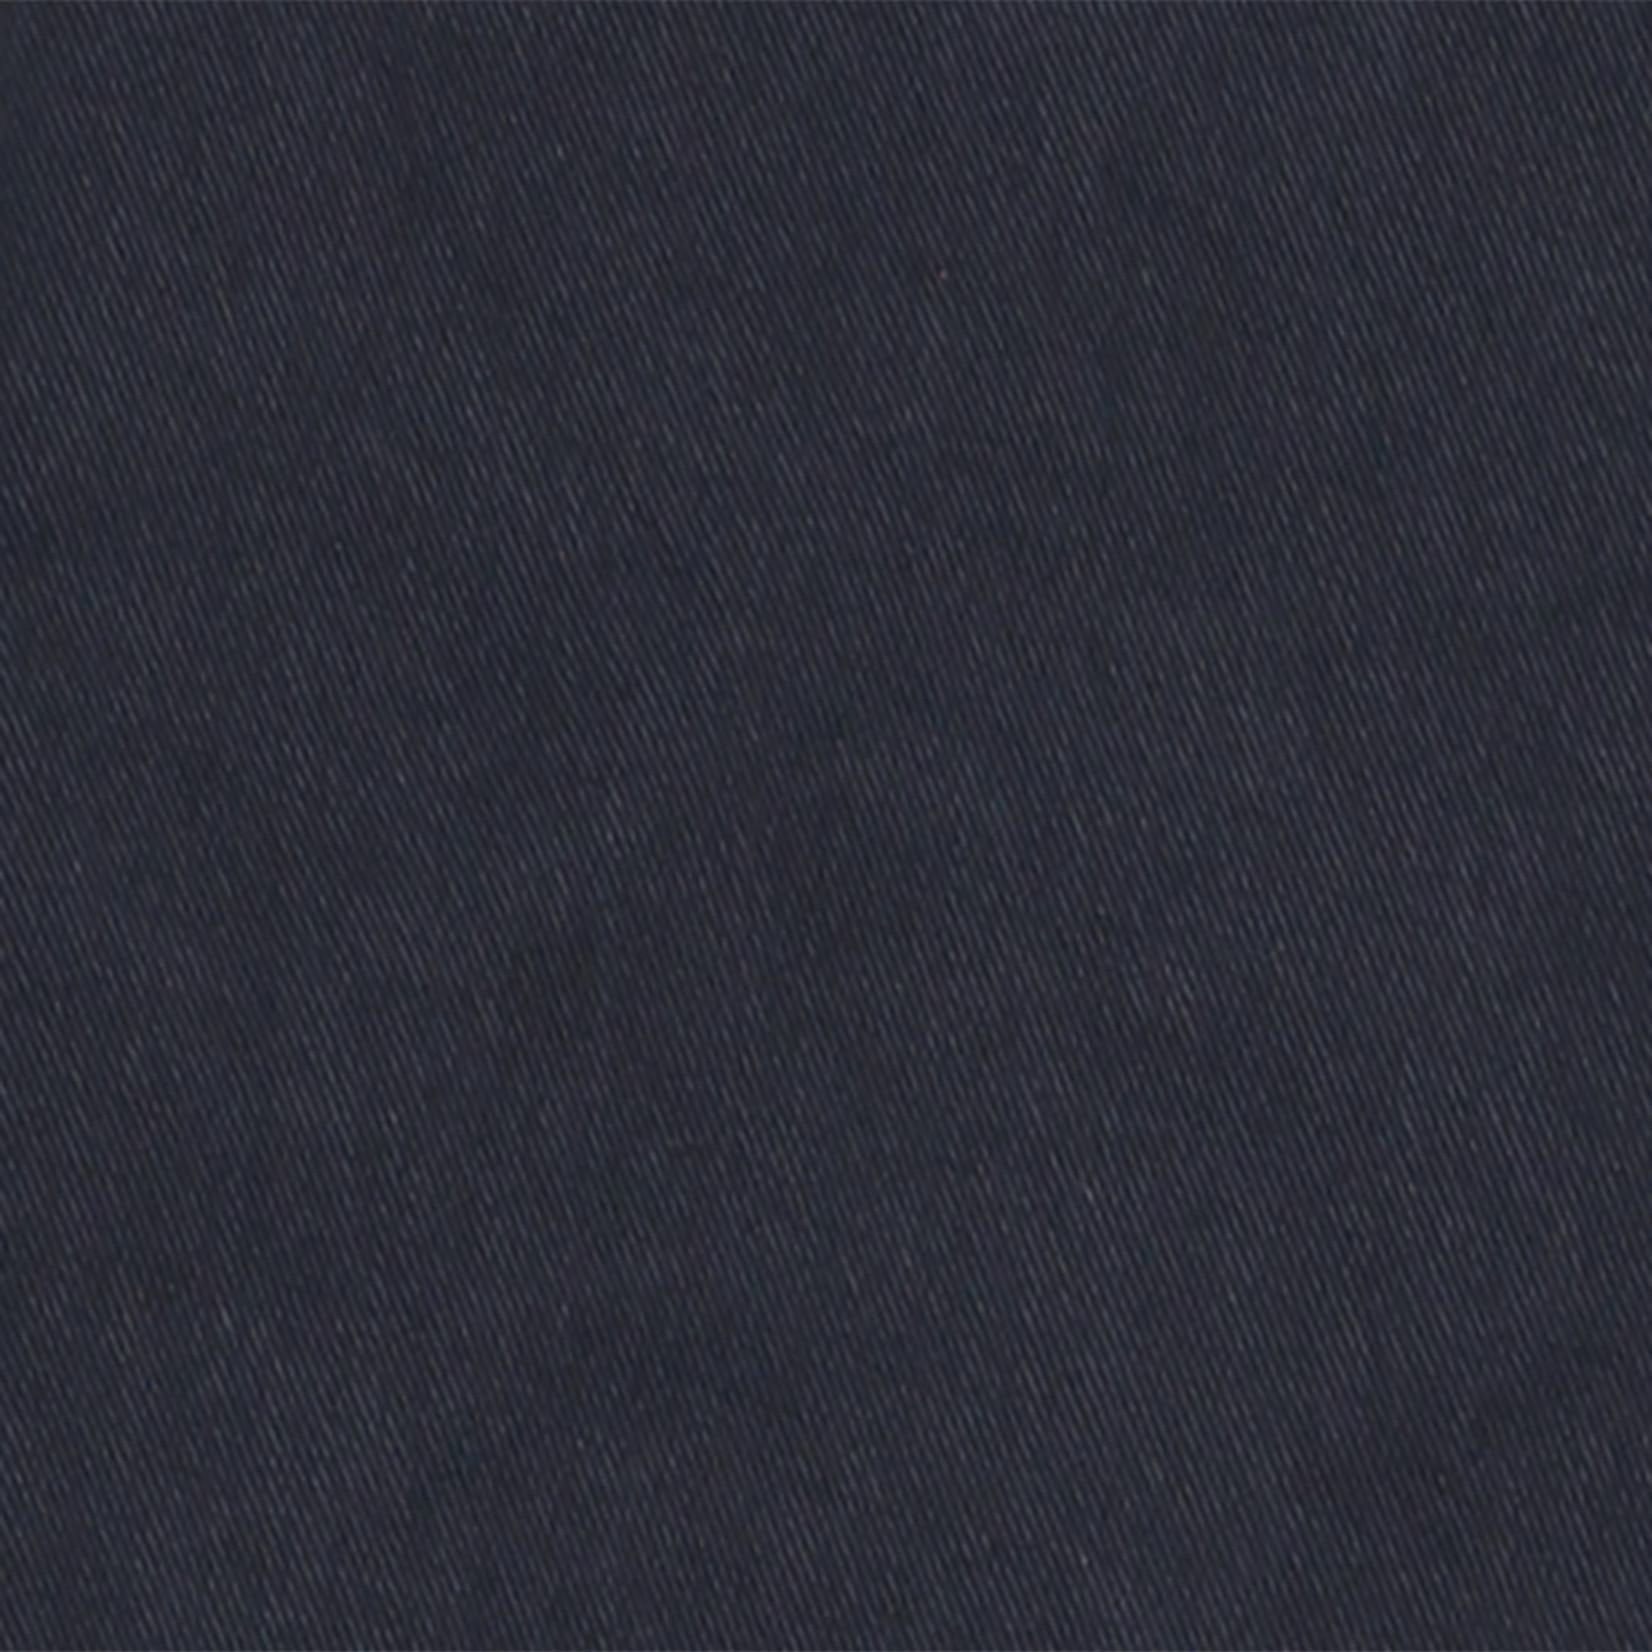 North.84 chino donkerblauw